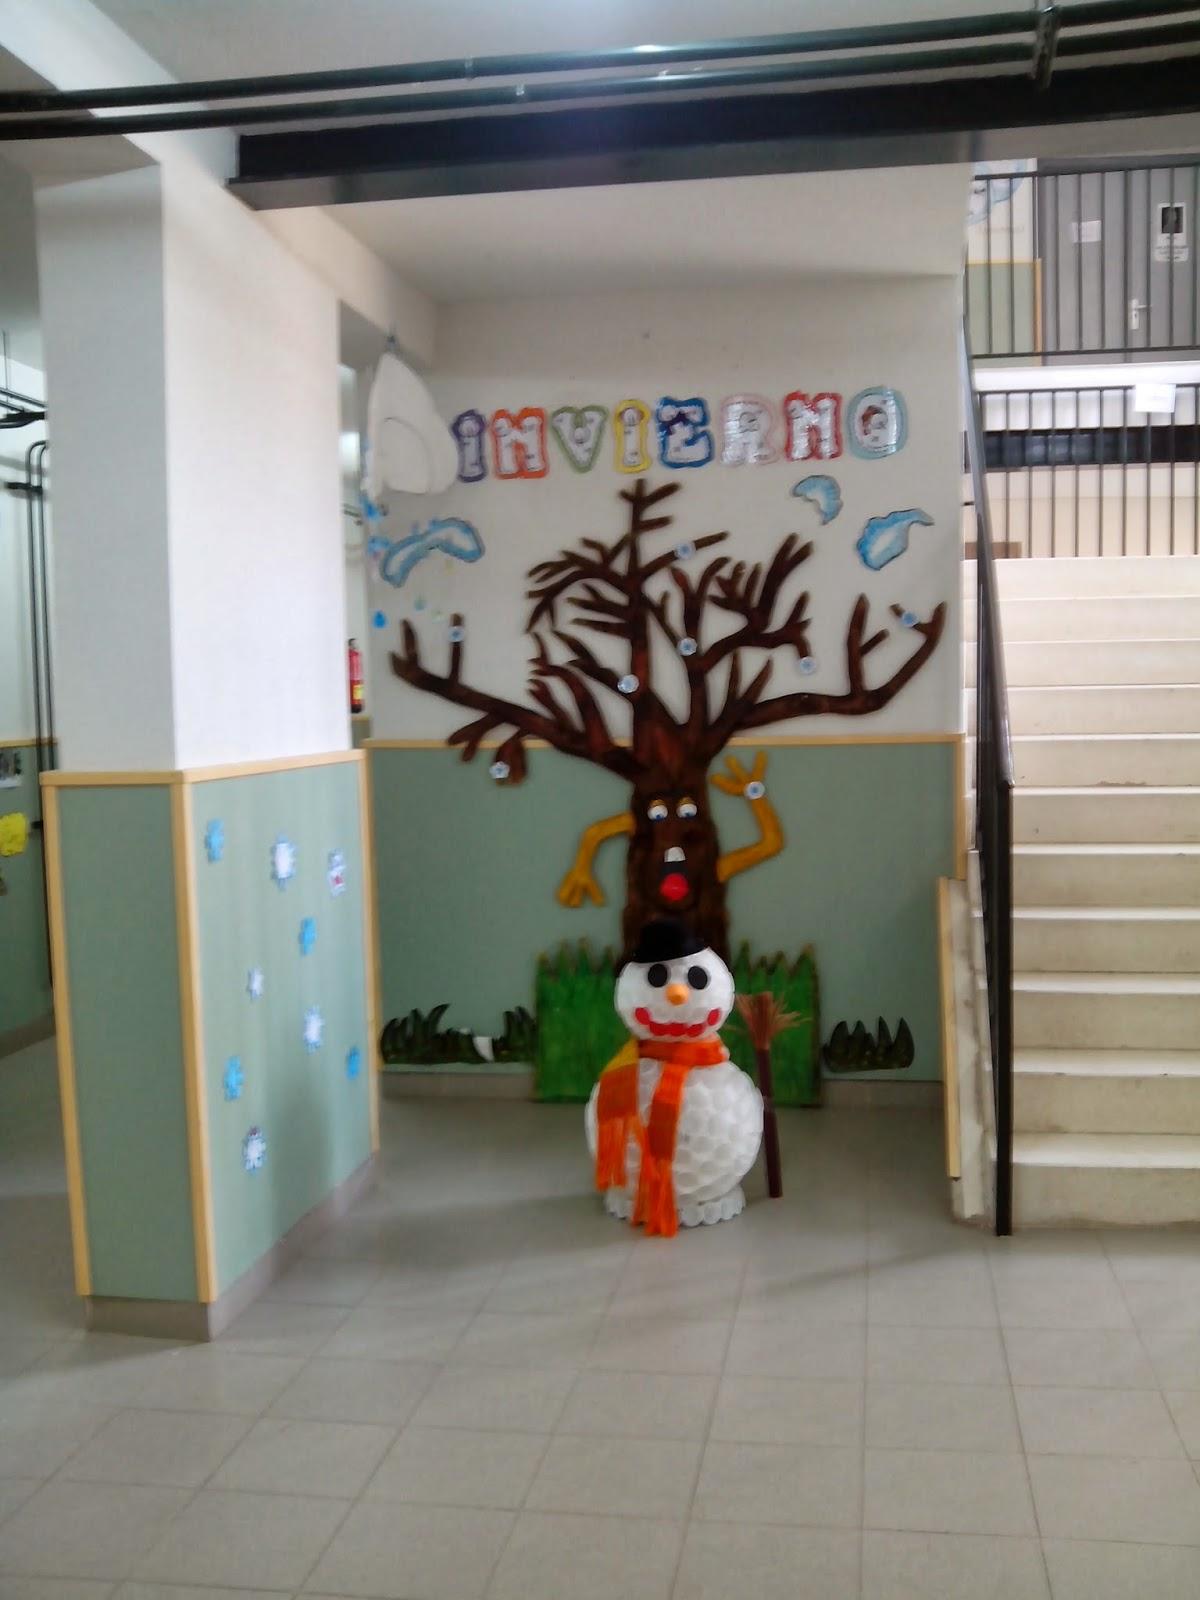 Educaci n infantil decoraci n invierno for Decoracion de aula para navidad